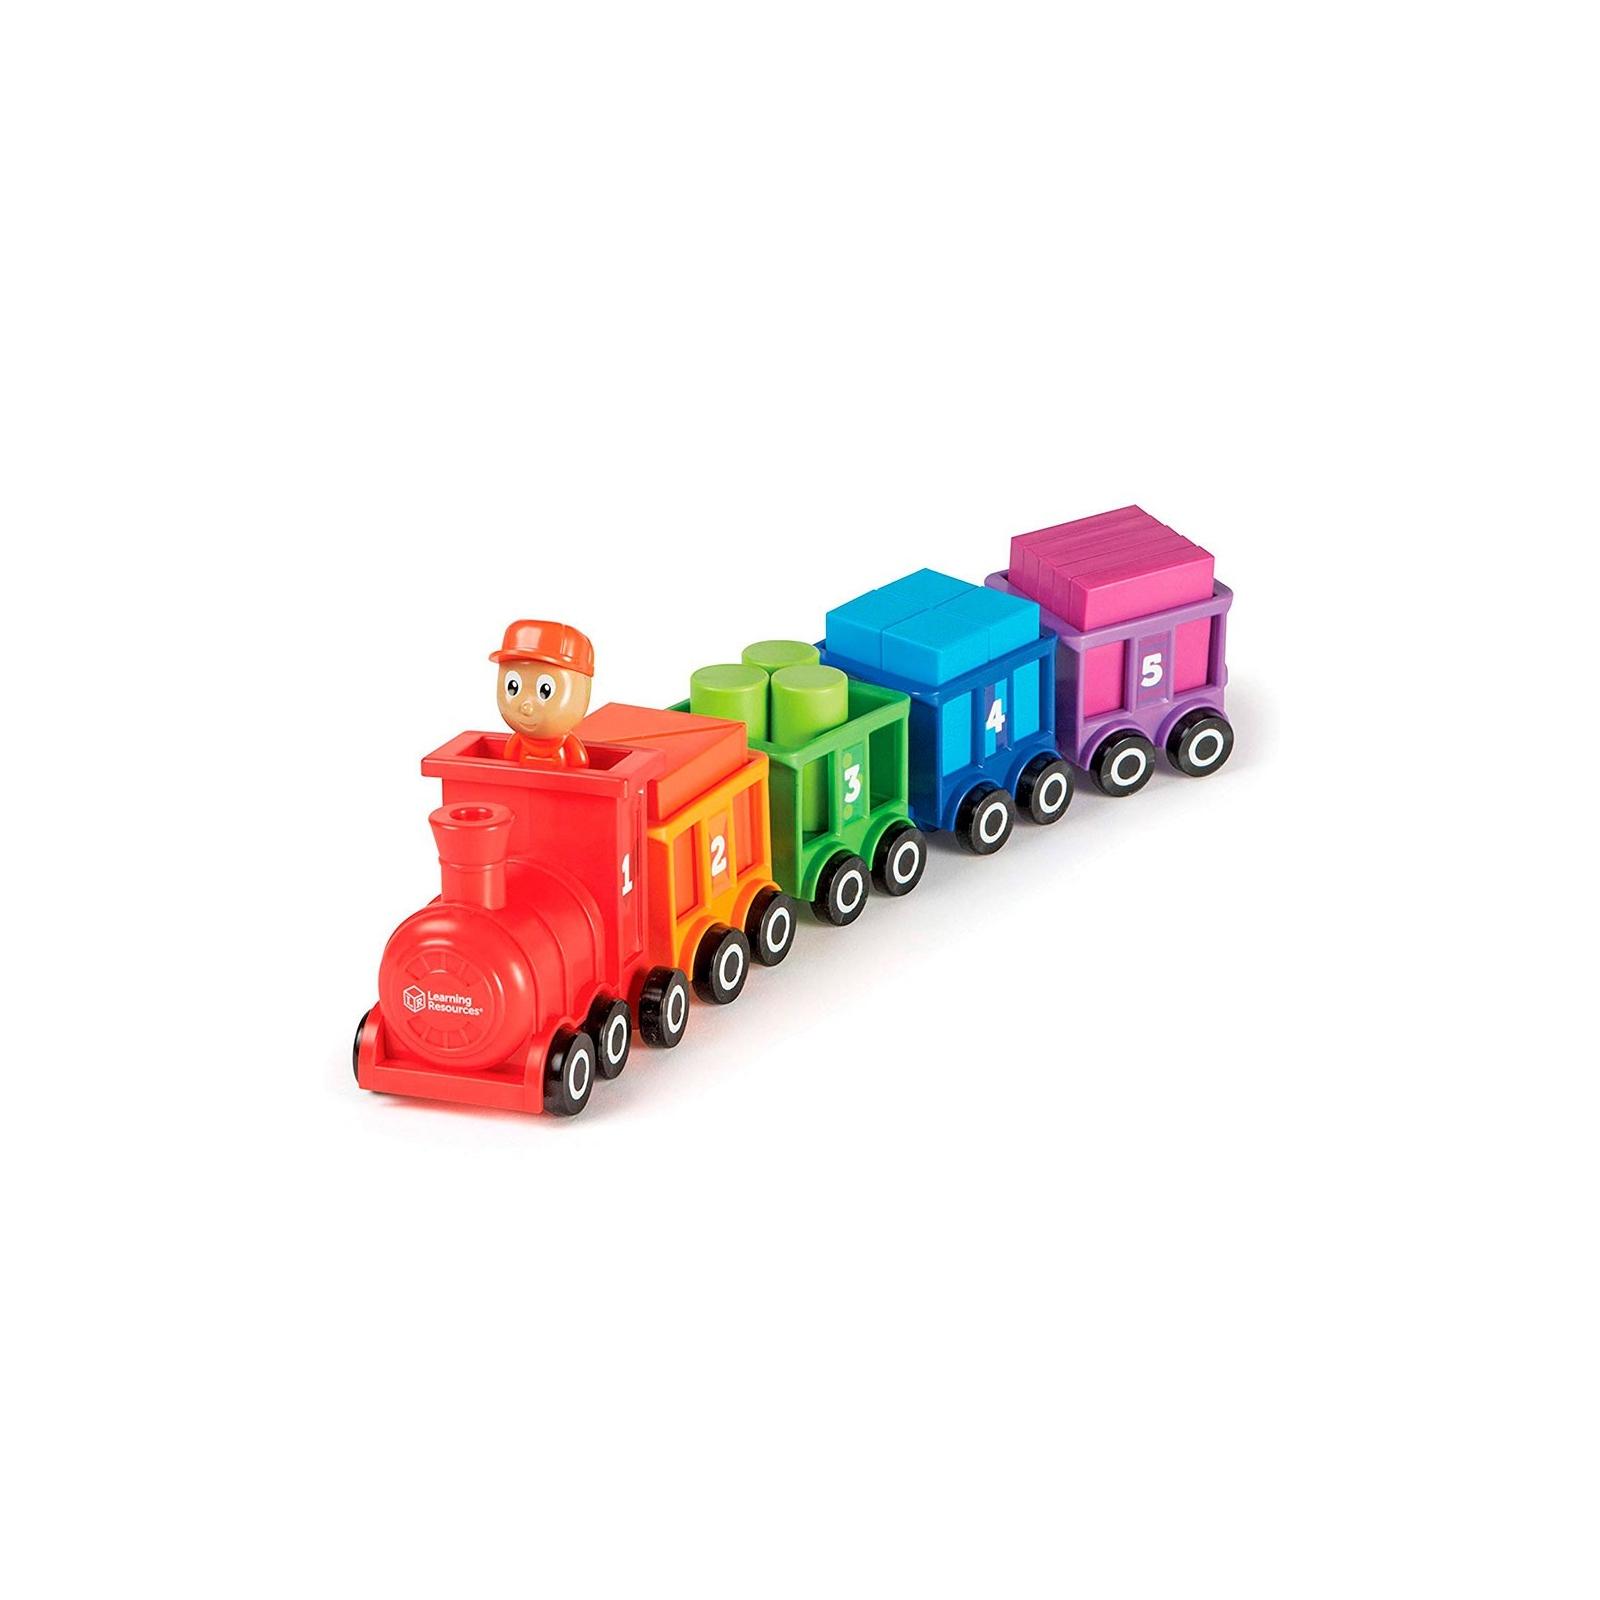 Развивающая игрушка Learning Resources Паровозик Обучающий набор (LER7742) изображение 2